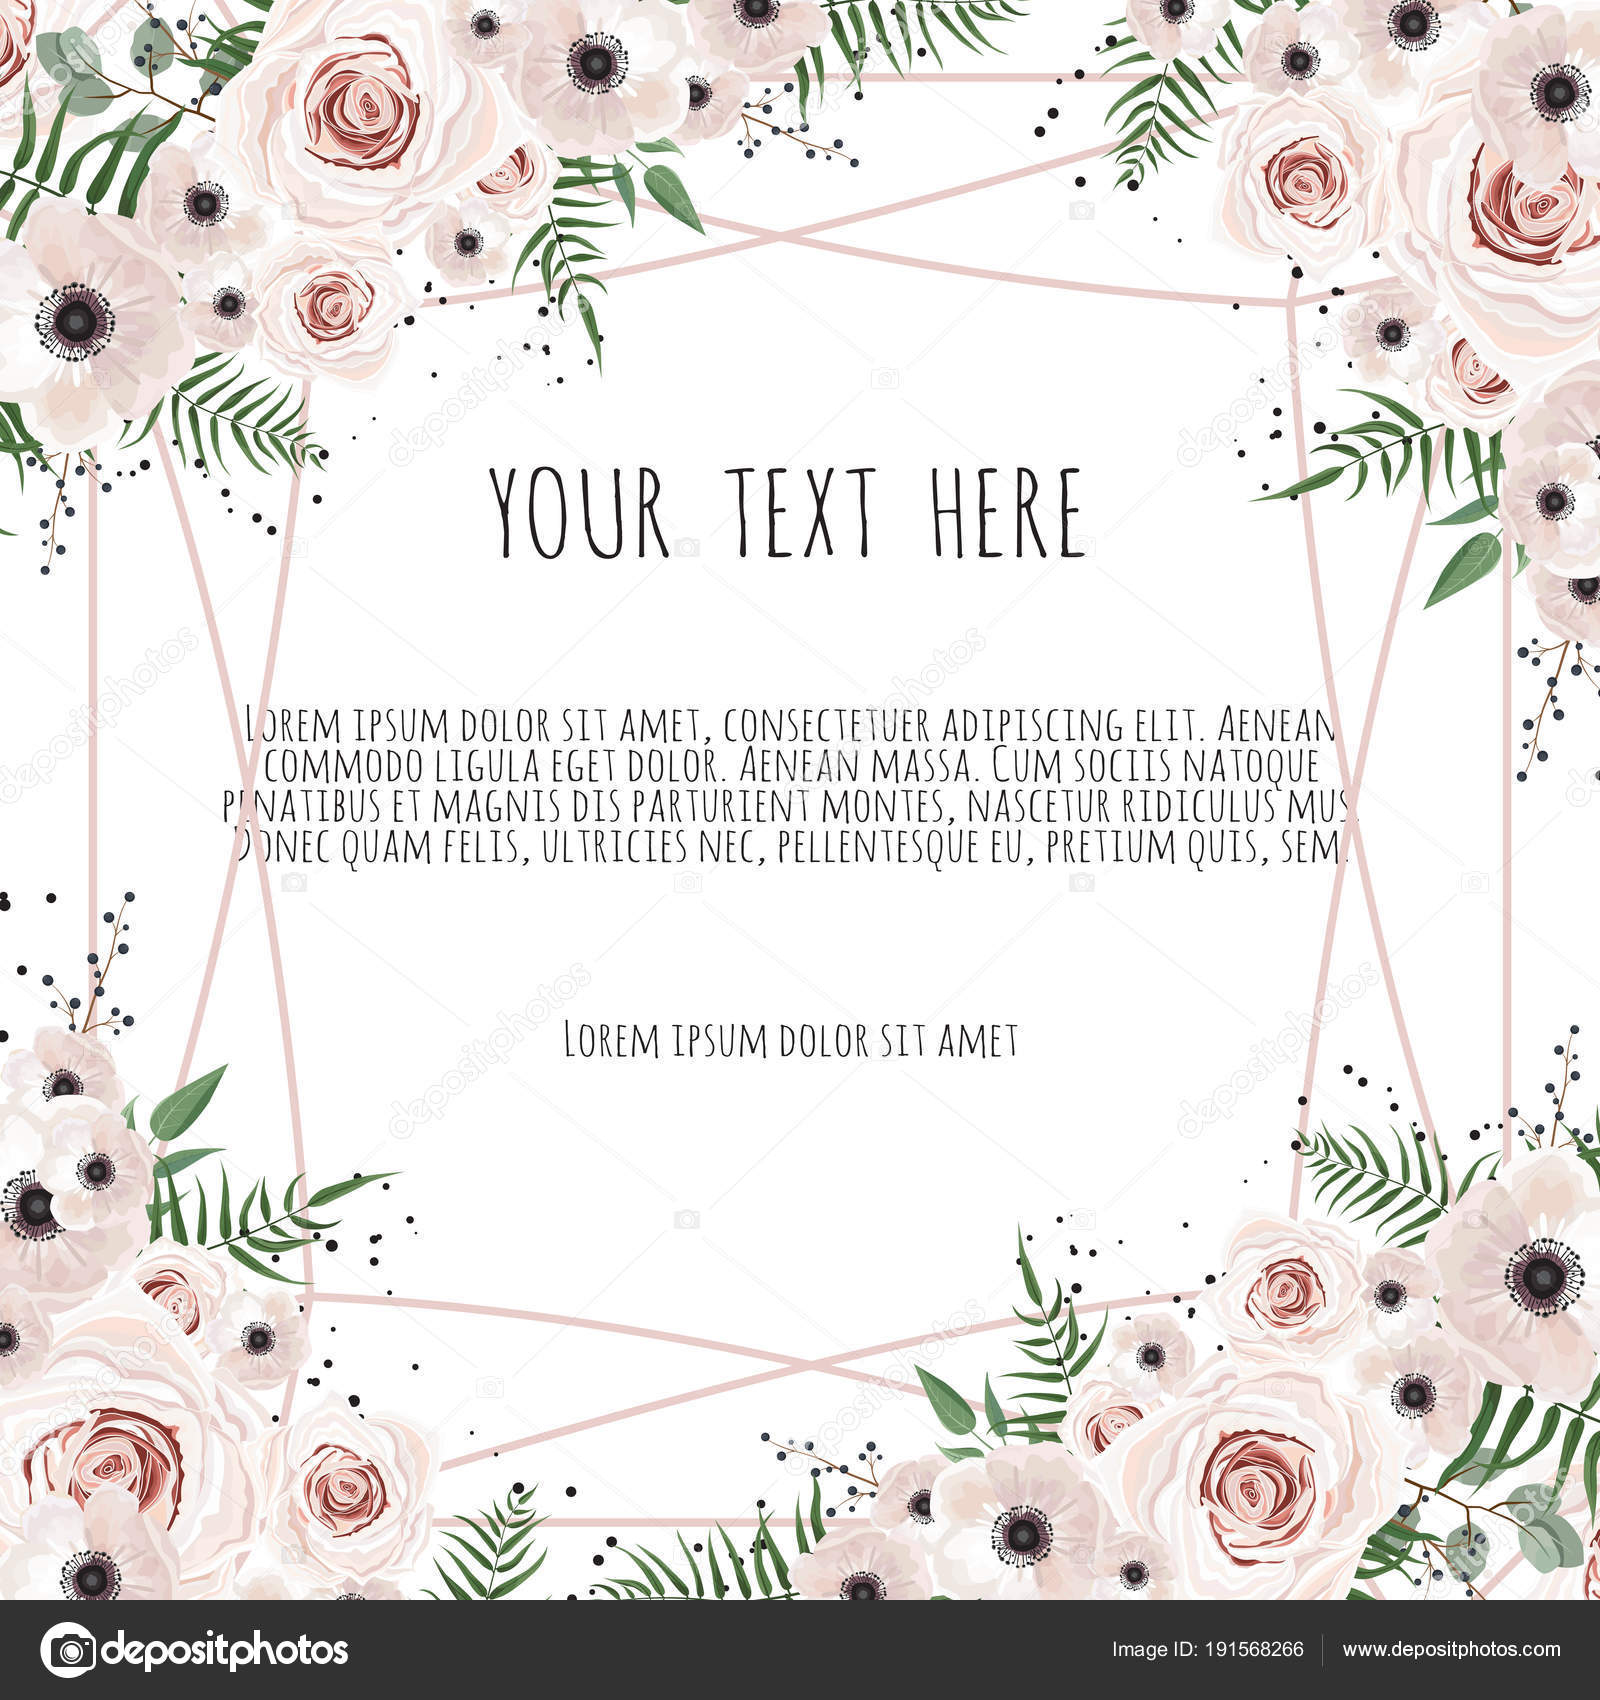 Vektor-floralen Design-Karte. Gruß, Postkarte Hochzeit Vorlage laden ...